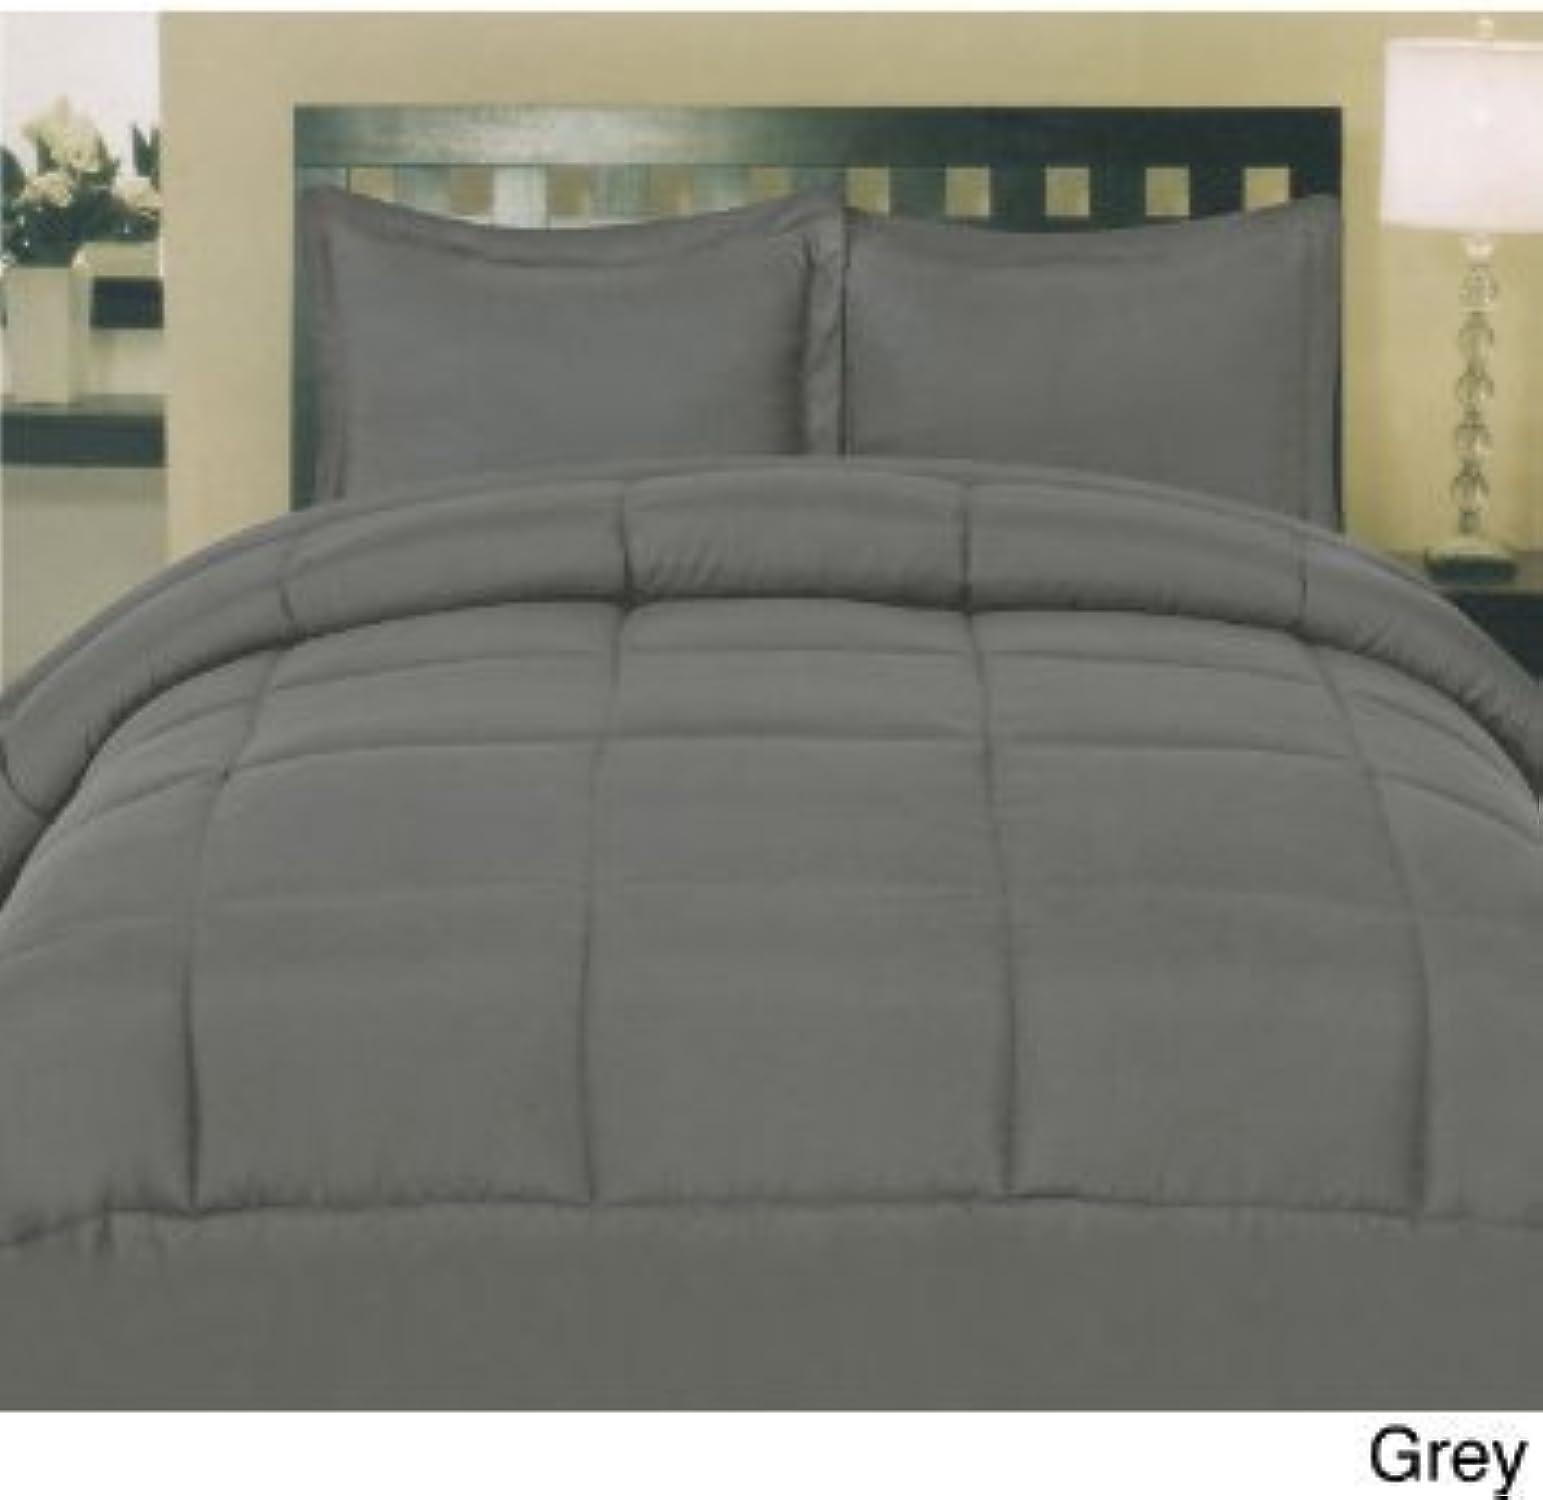 Dreamz Parure de lit Super Doux 500Fils 100% Coton 1Housse de Couette (100g m2 Fibre Fill) UK Petite Taille Unique Longue, éléphant gris gris foncé Solide Coton égypcravaten Scala Doudou